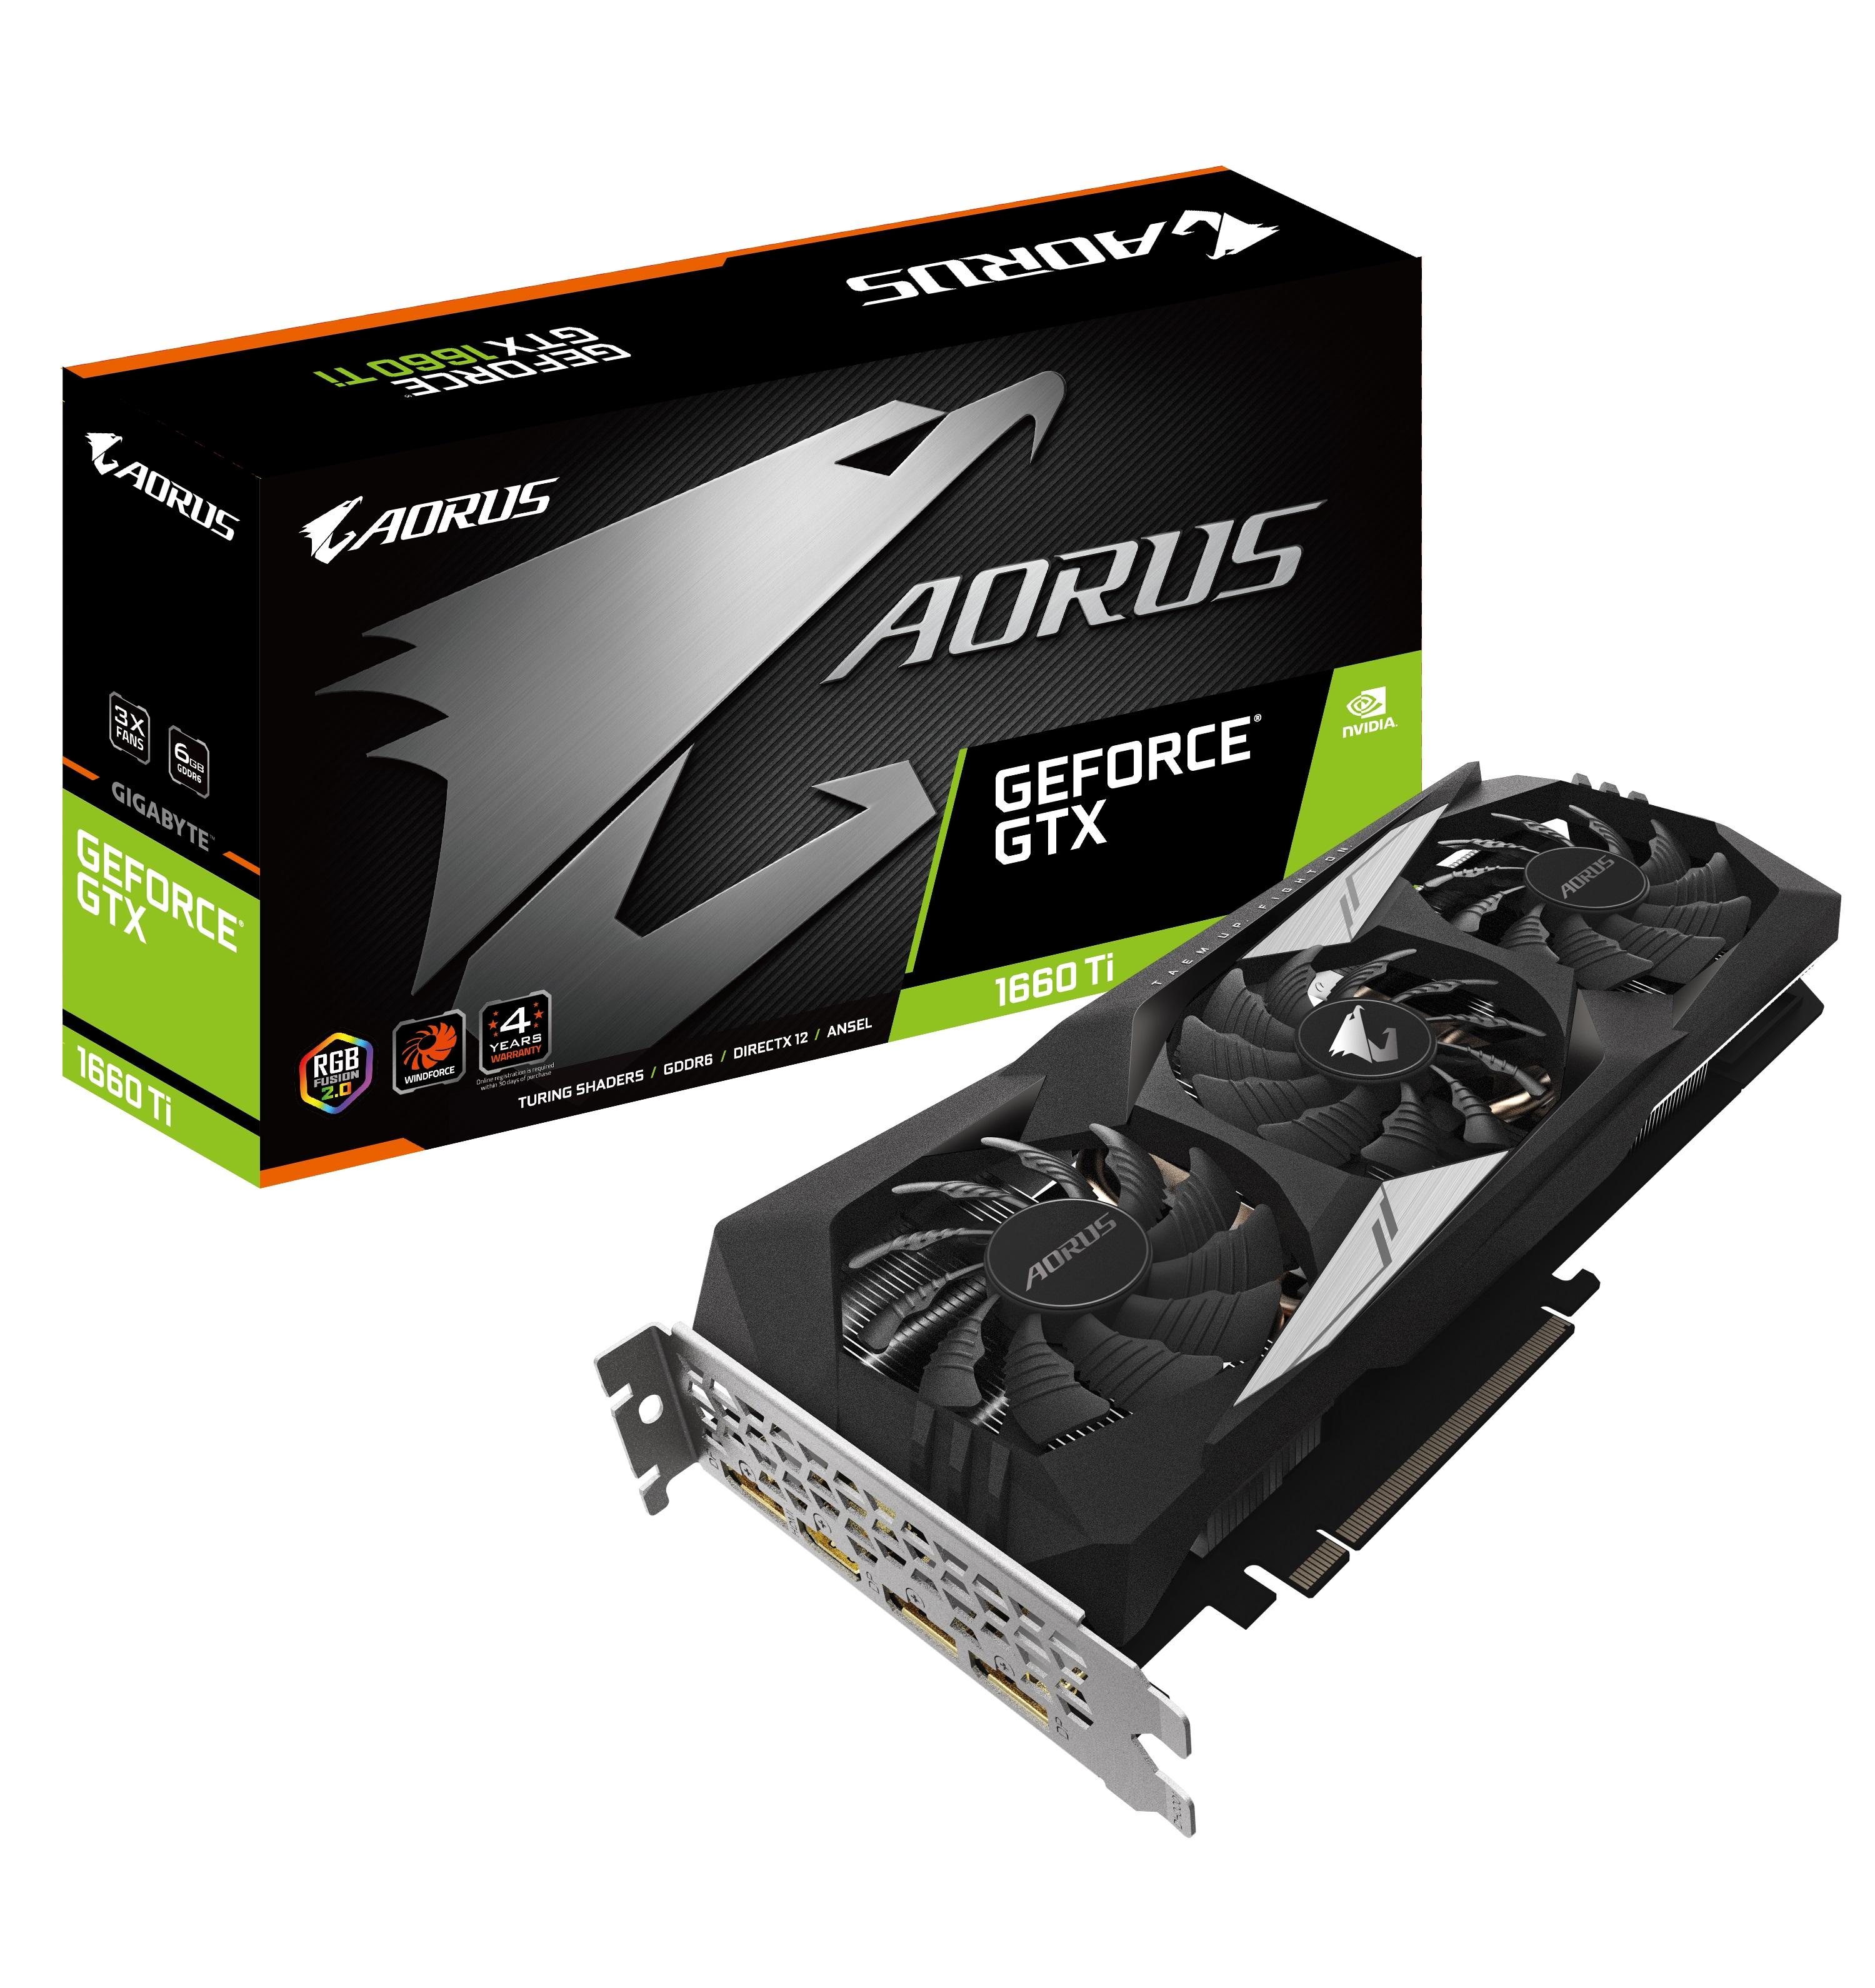 技嘉隆重推出多款GeForce GTX 1660Ti晶片顯示卡